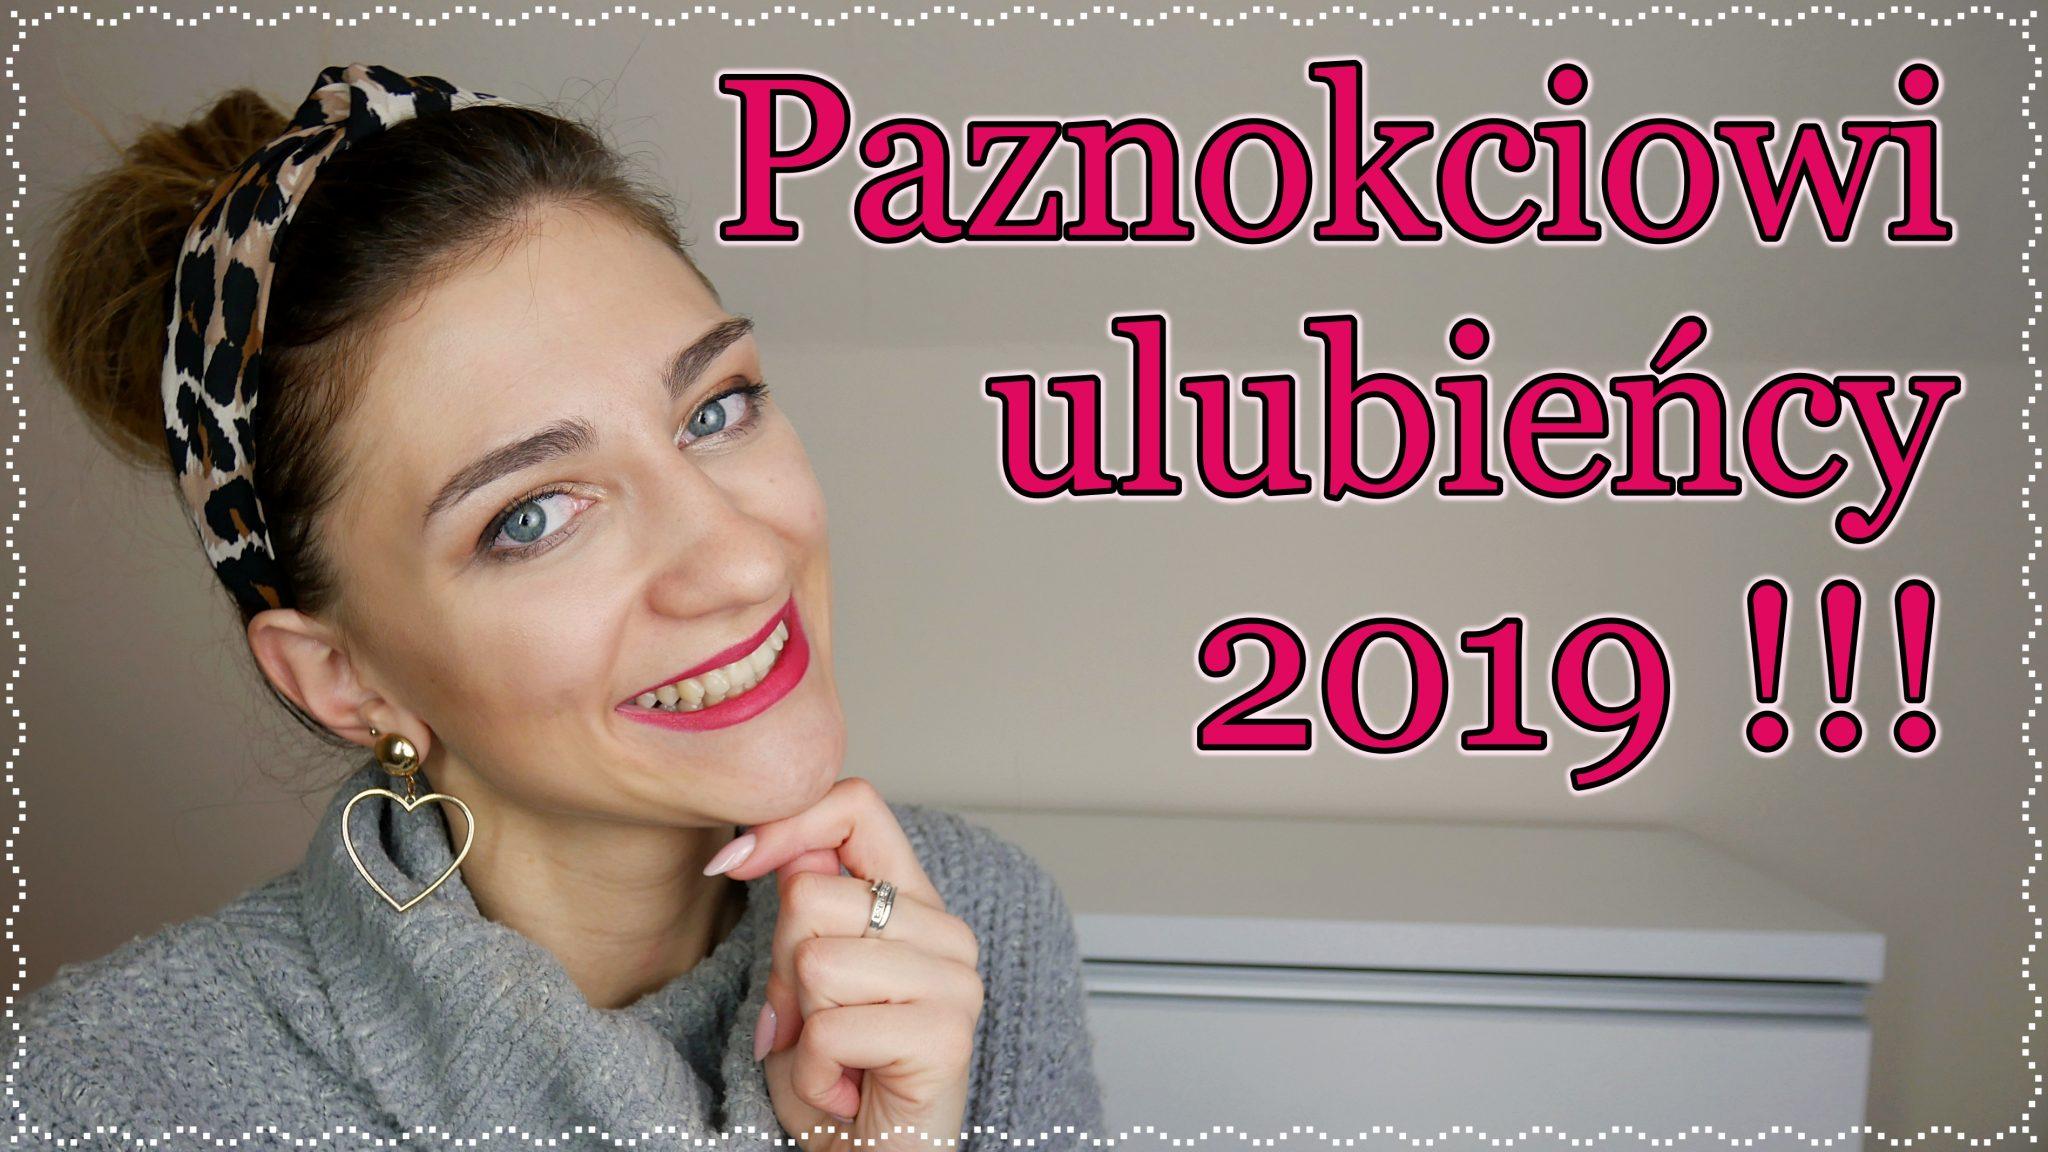 Paznokciowi-ulubiency-2019-pedzelki-NIUQI-NeoNails-top-no-wipe-aleixpress-frezarka-wzorniki-Lakierowniczka